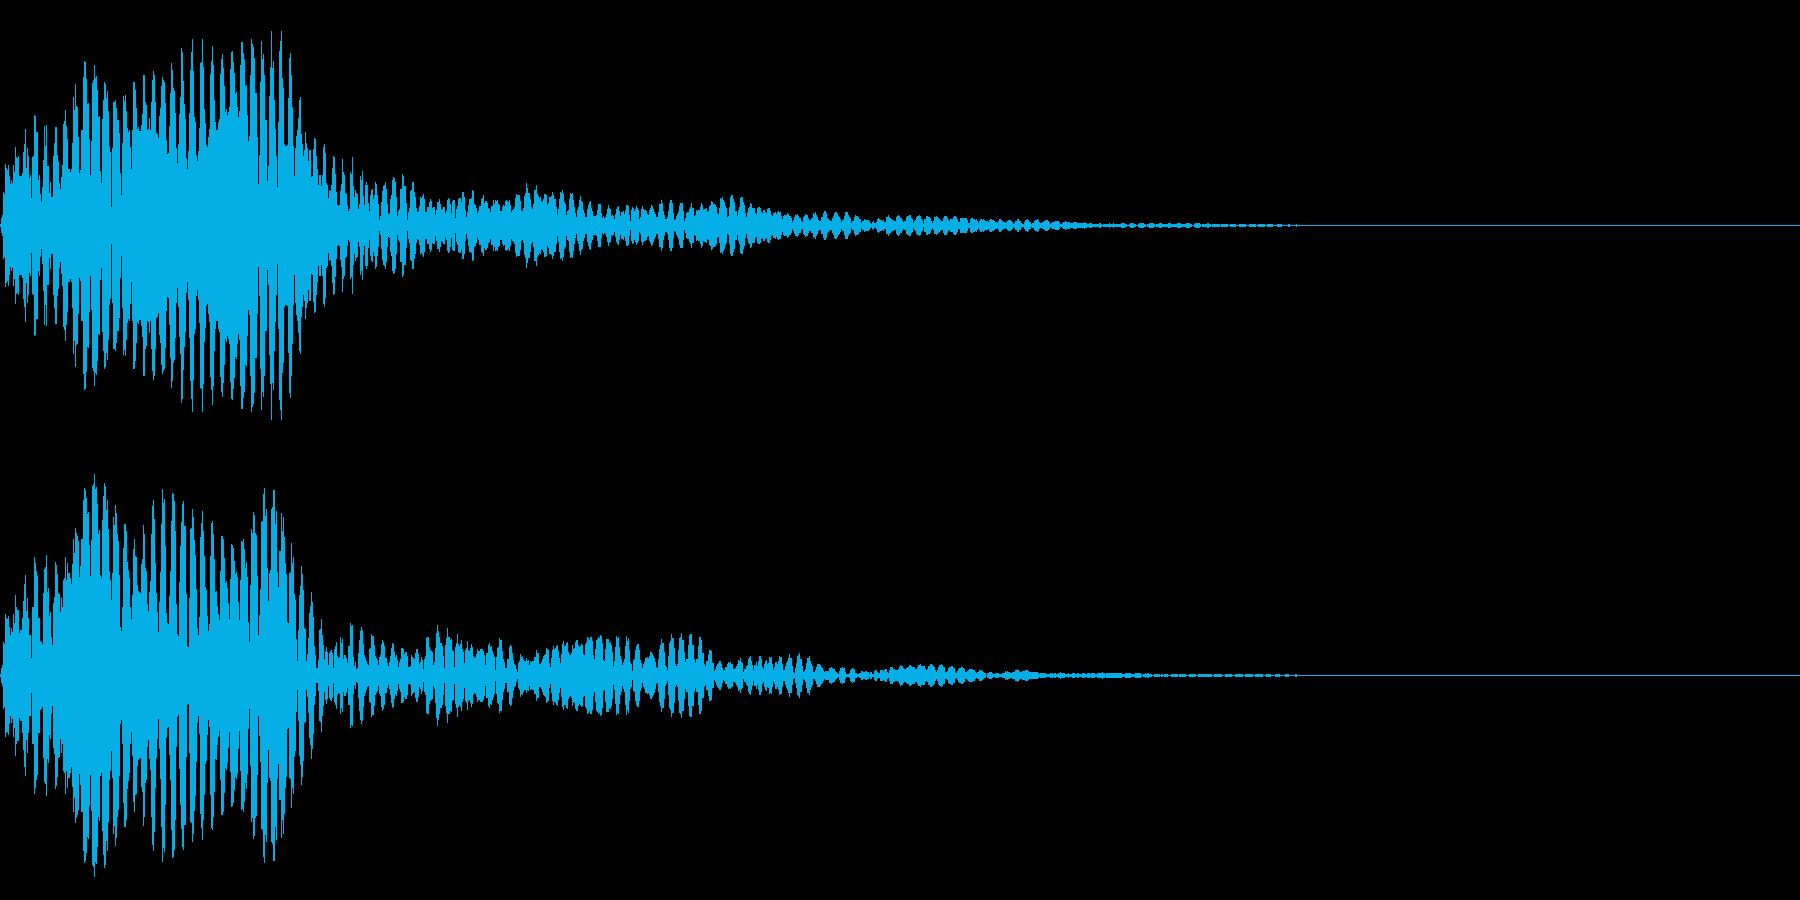 フォン モニターを付けるSF風効果音の再生済みの波形